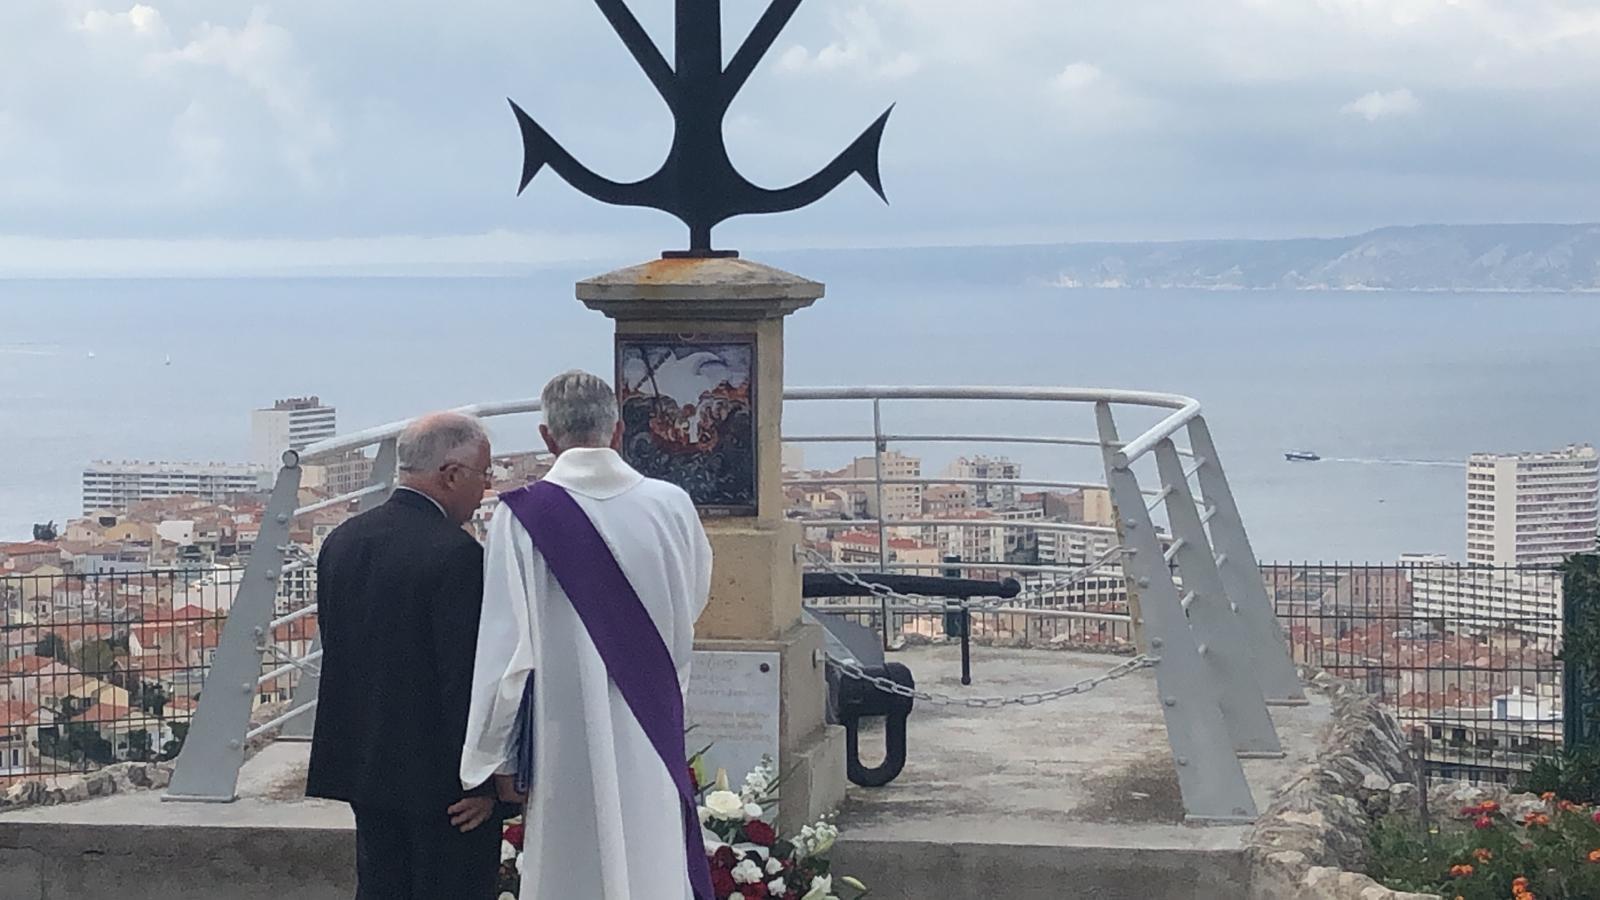 Misa za pomorce s Bourbon Rhoda služila se u Crkvi Notre Dame de la Garde, zavjetnoj i ujedno najvećoj crkvi u Marseillesu, zaštitnicom pomoraca i ribara